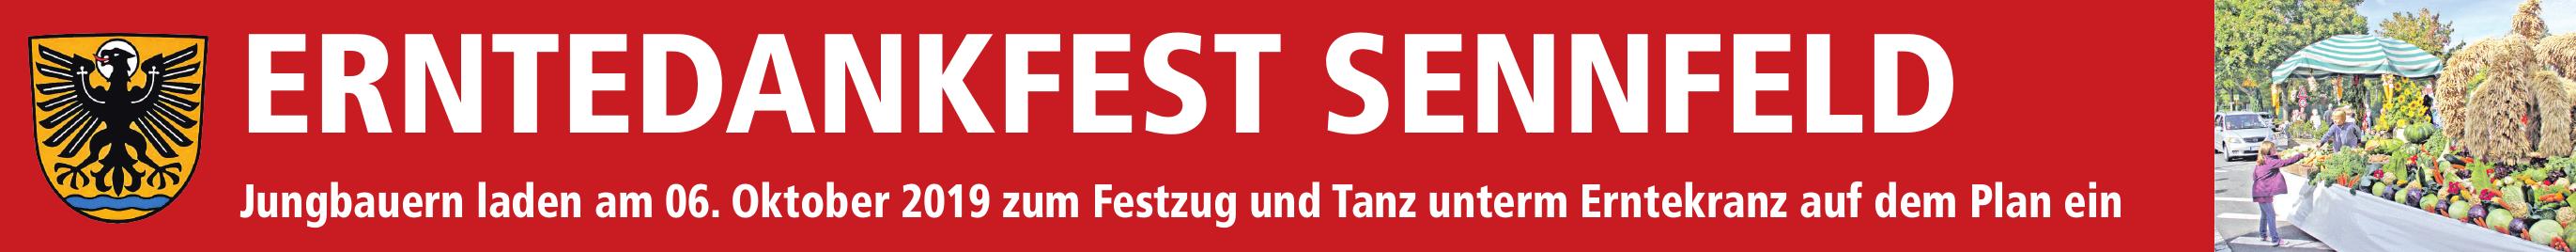 Erntedankfest Sennfeld Image 1